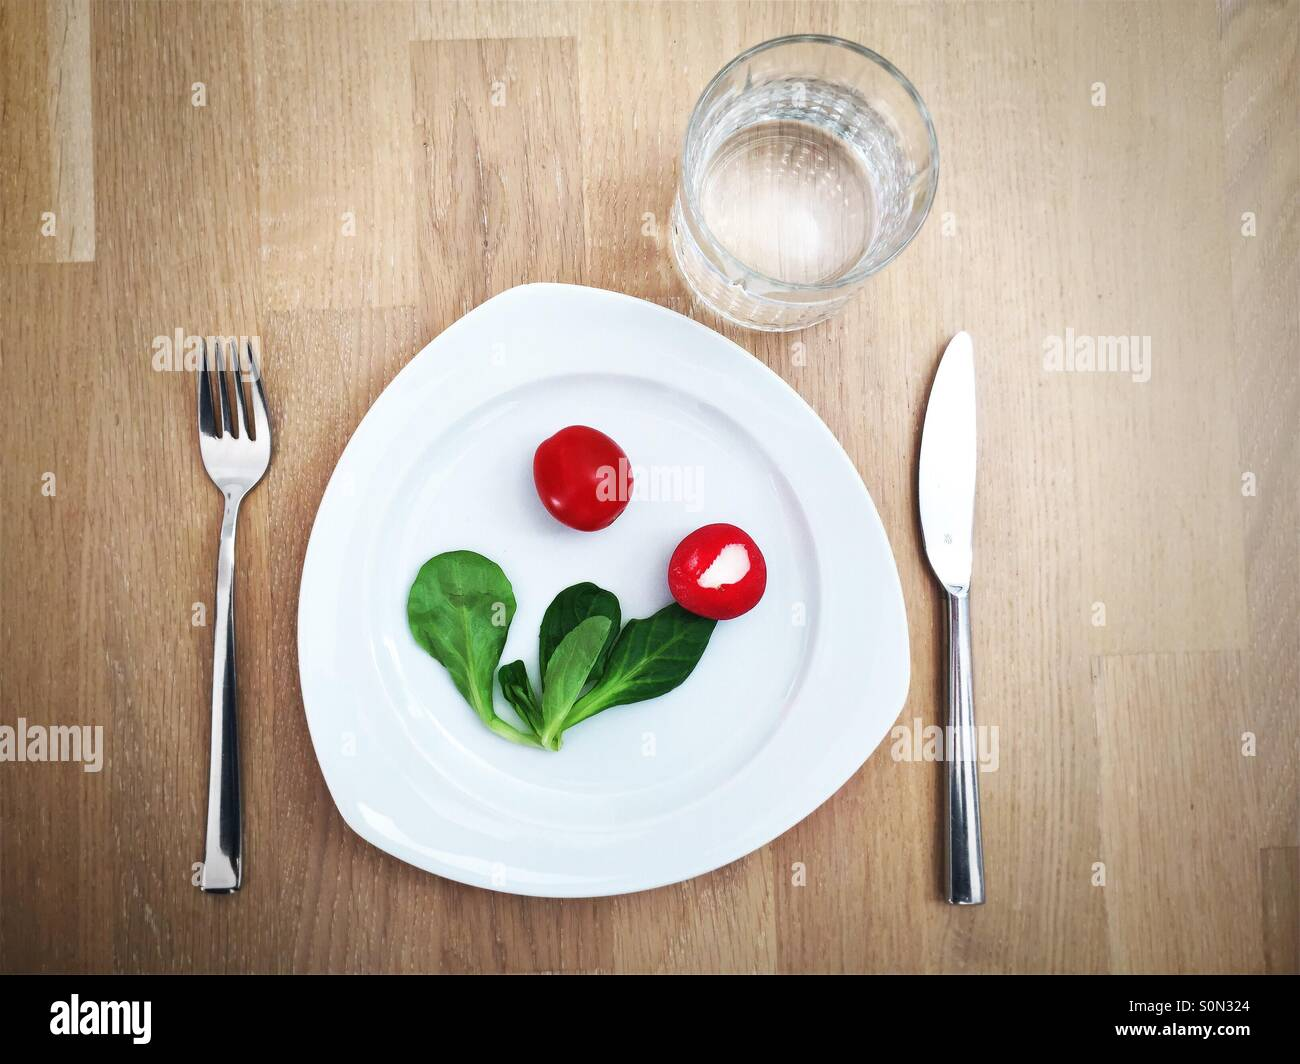 Cuisine végétalienne Photo Stock